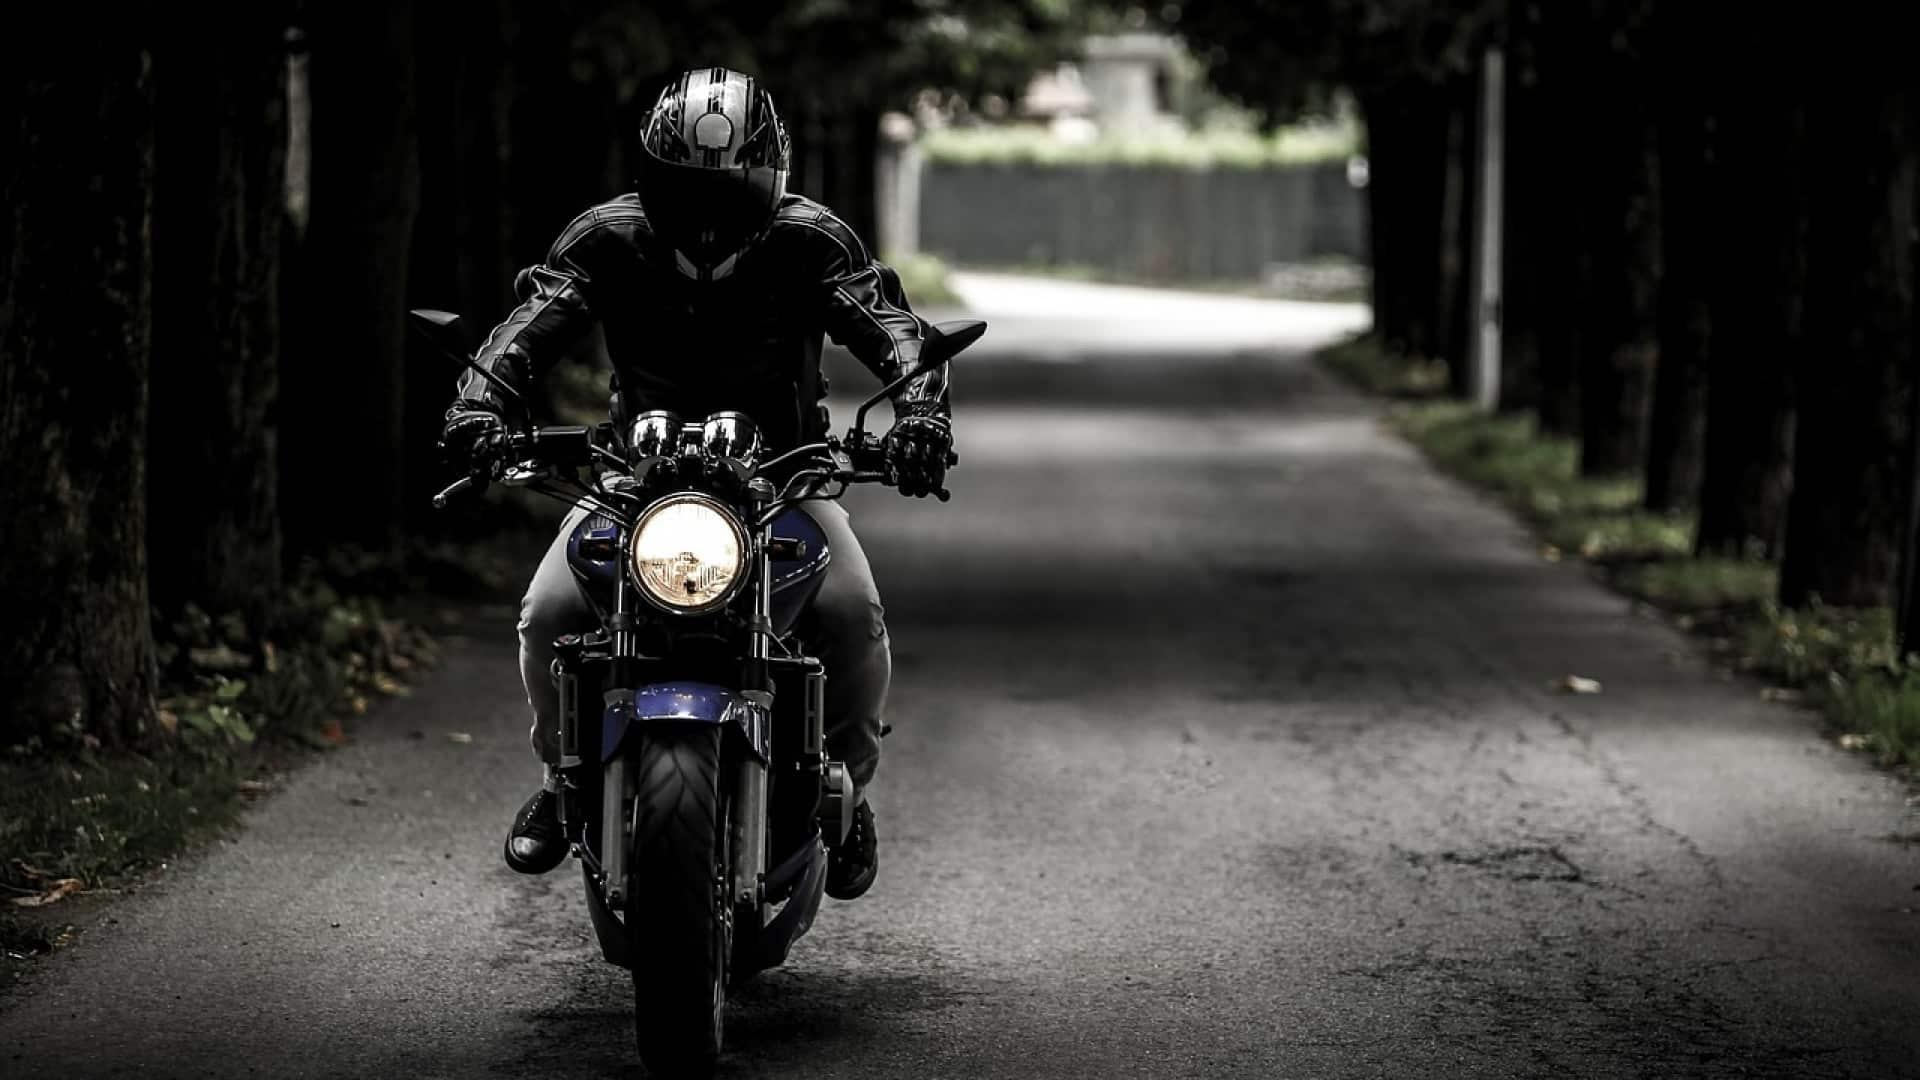 Pourquoi faut-il toujours porter son casque à moto?